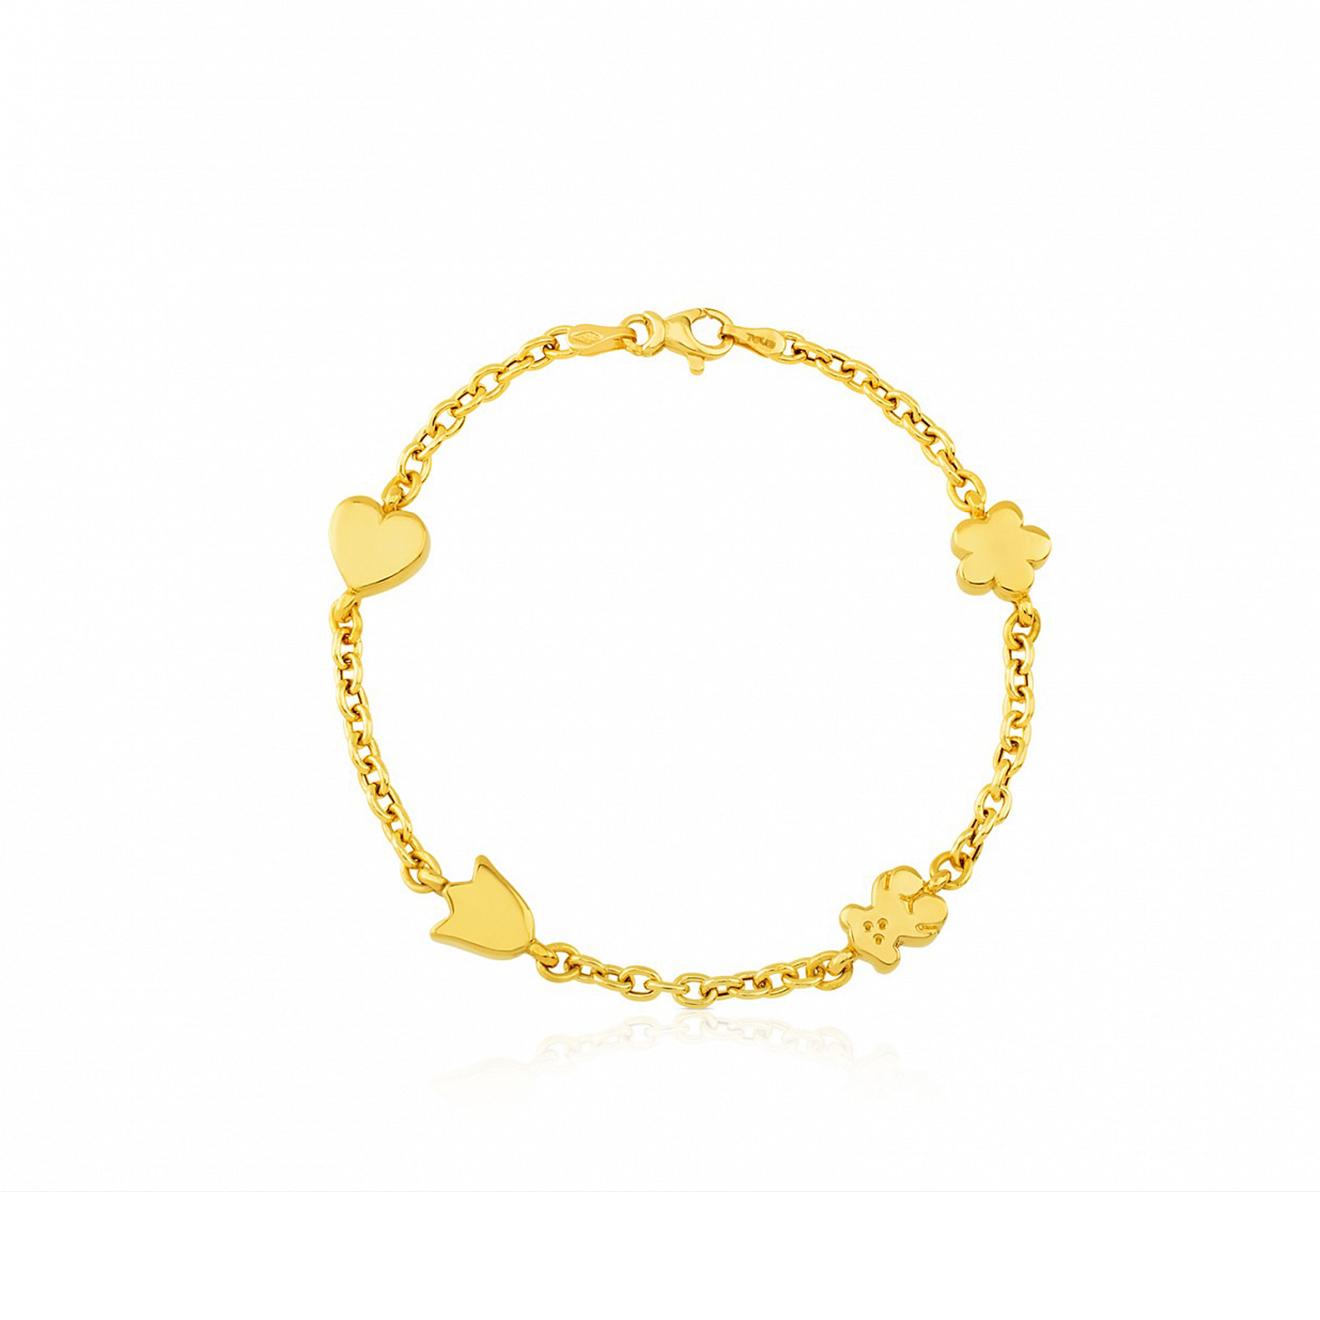 tous браслет glory из золота с перламутром tous TOUS Браслет Sweet Dolls из желтого золота